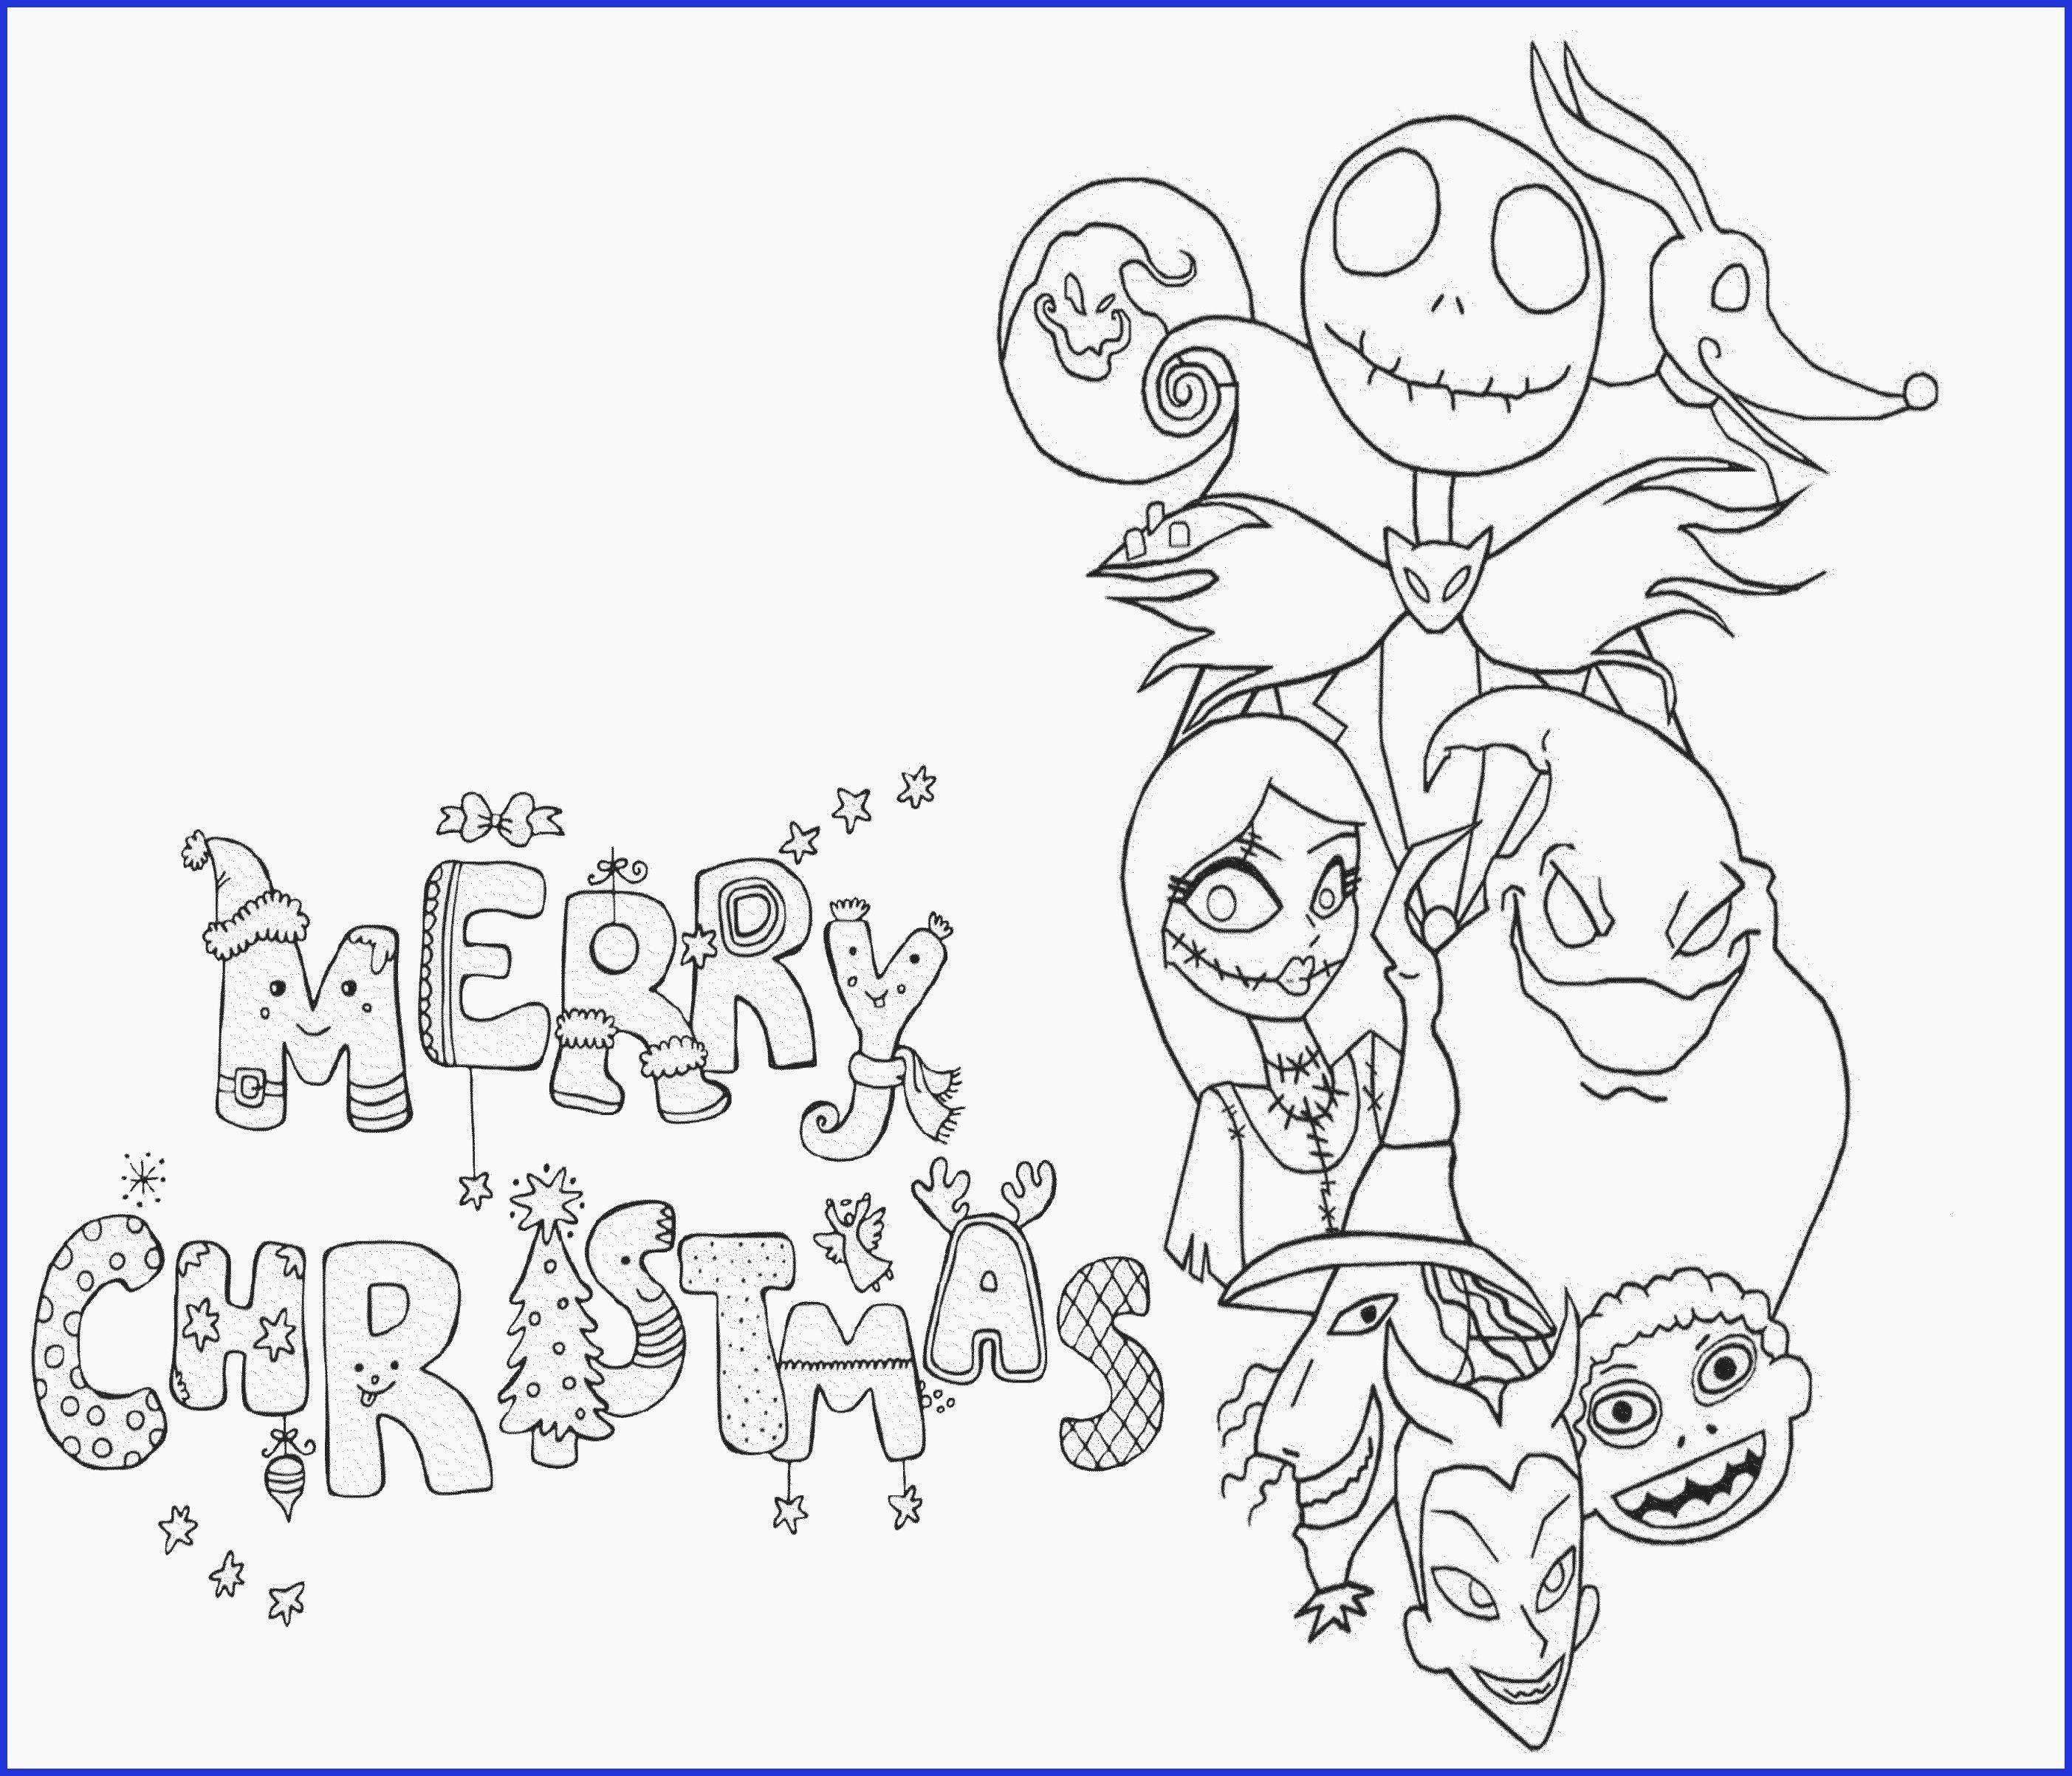 Christmas Gifts Coloring Page (Dengan gambar)